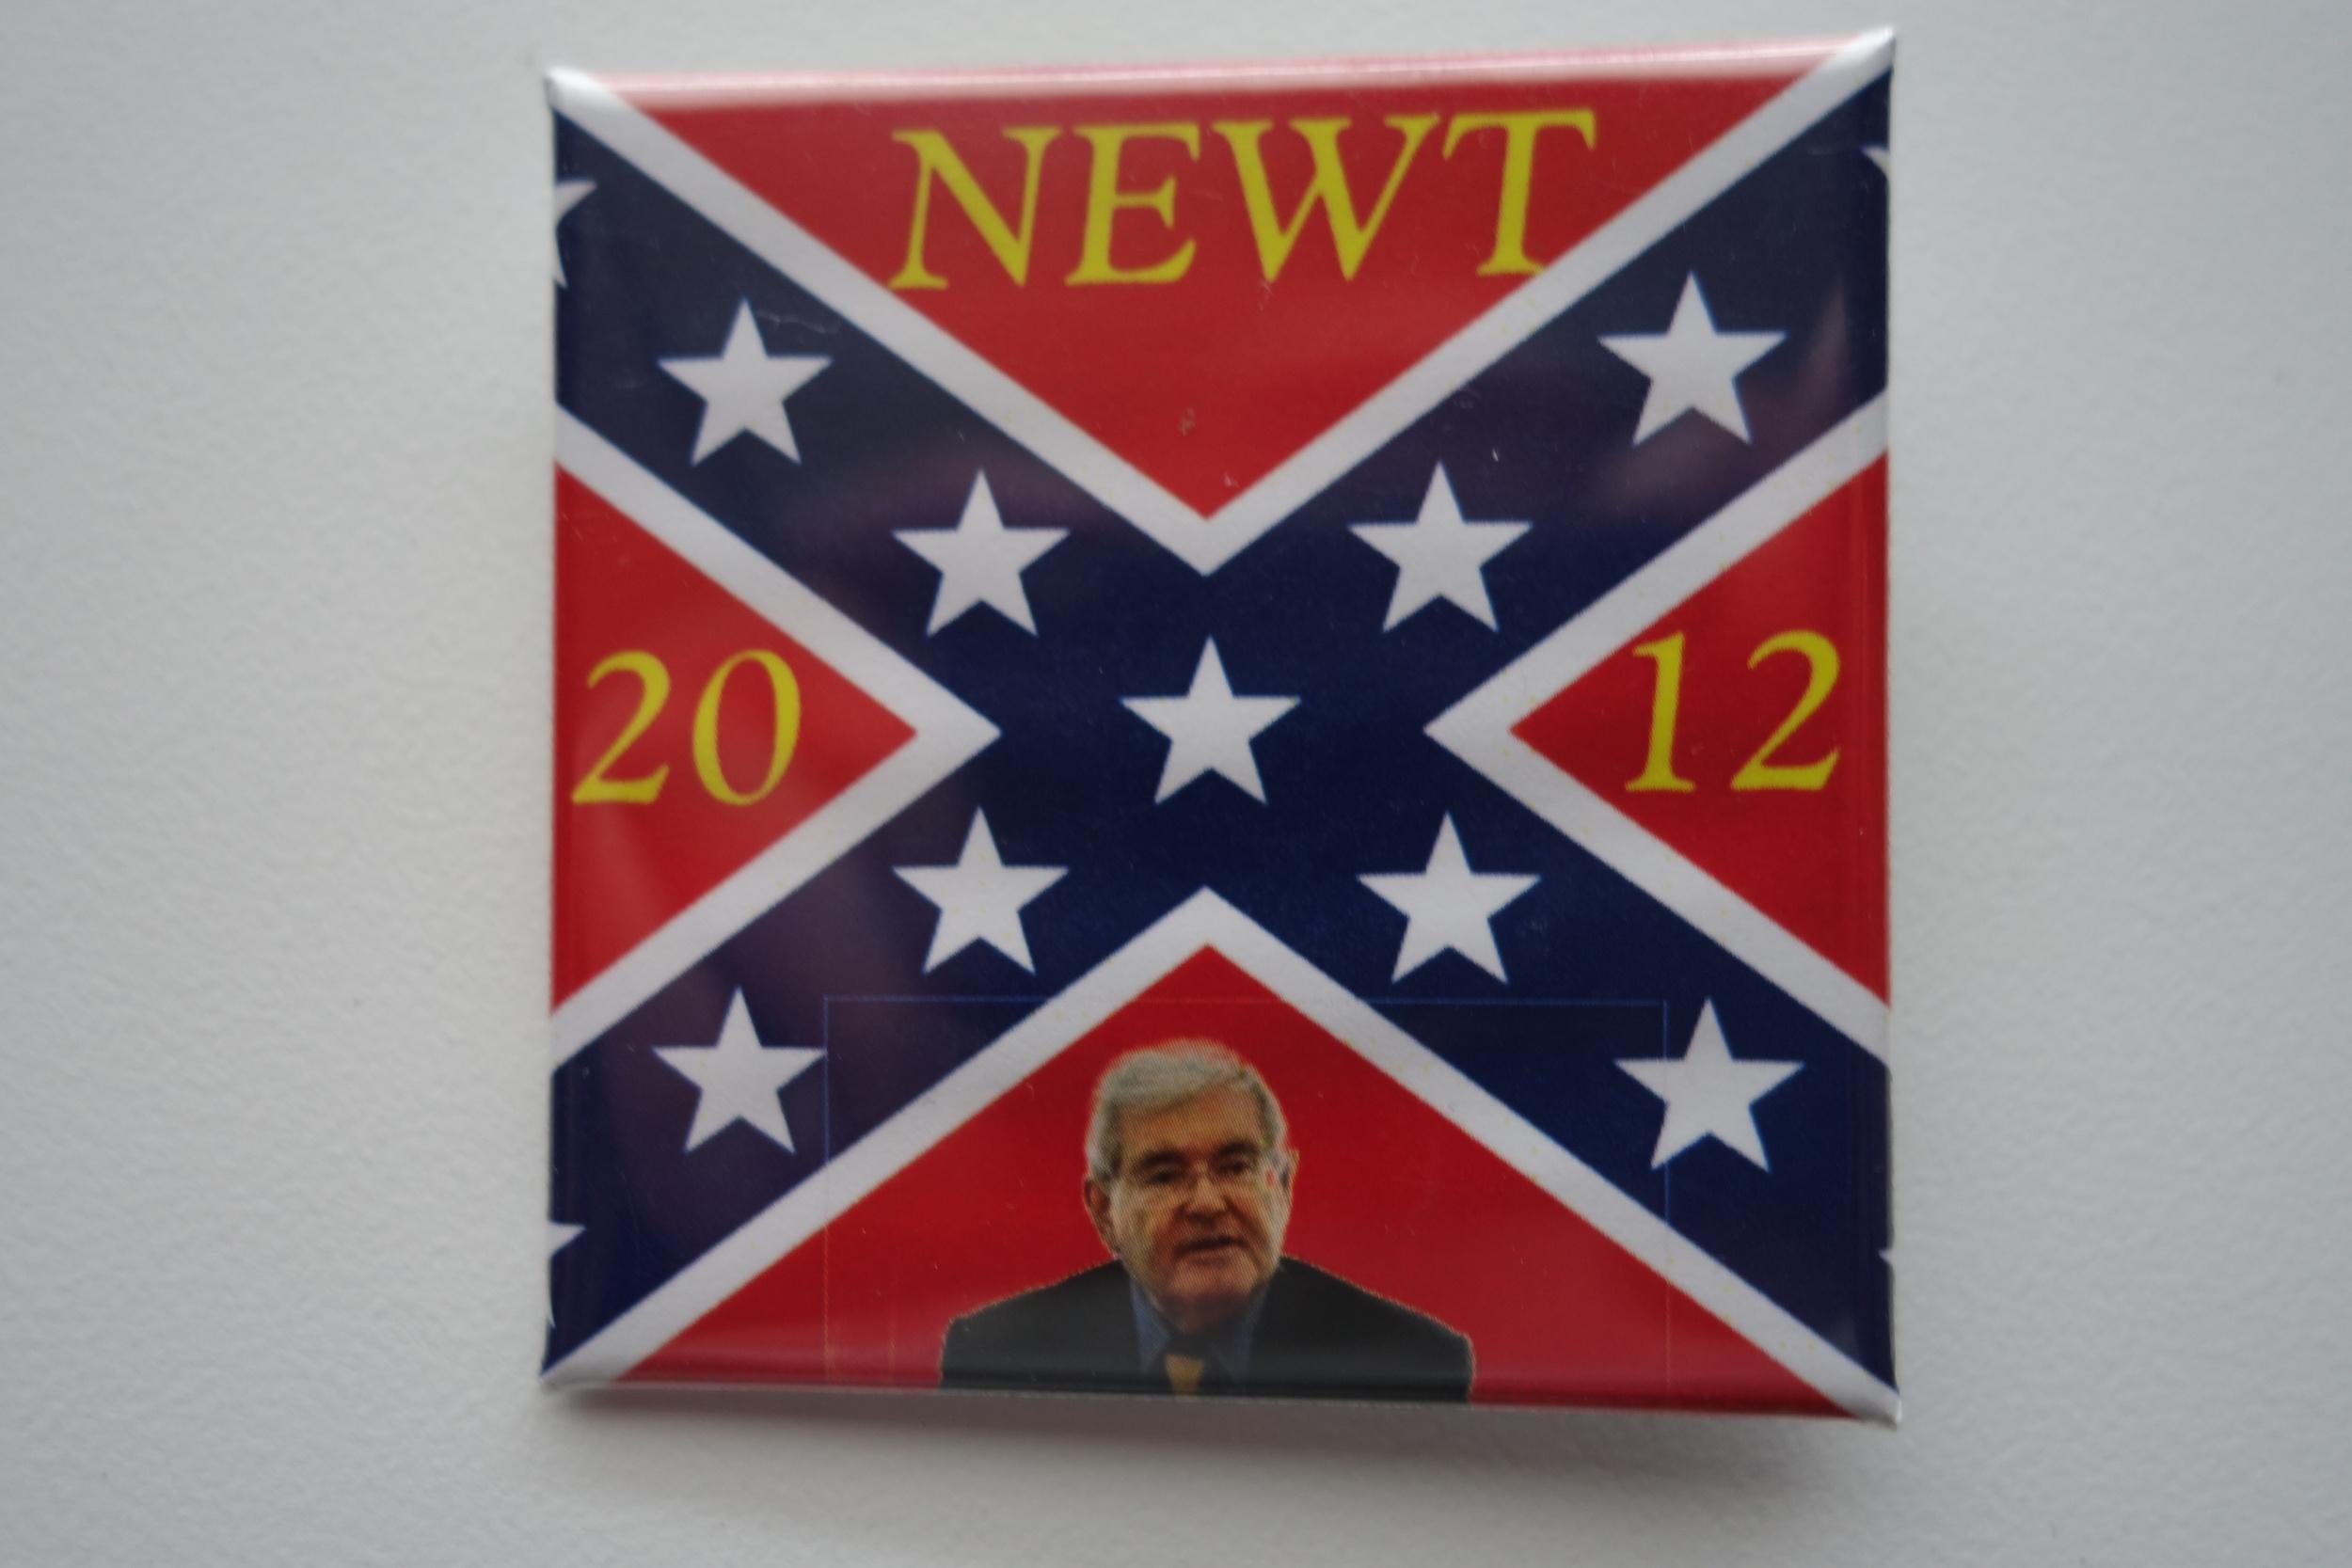 Newt Gingrich (2012)